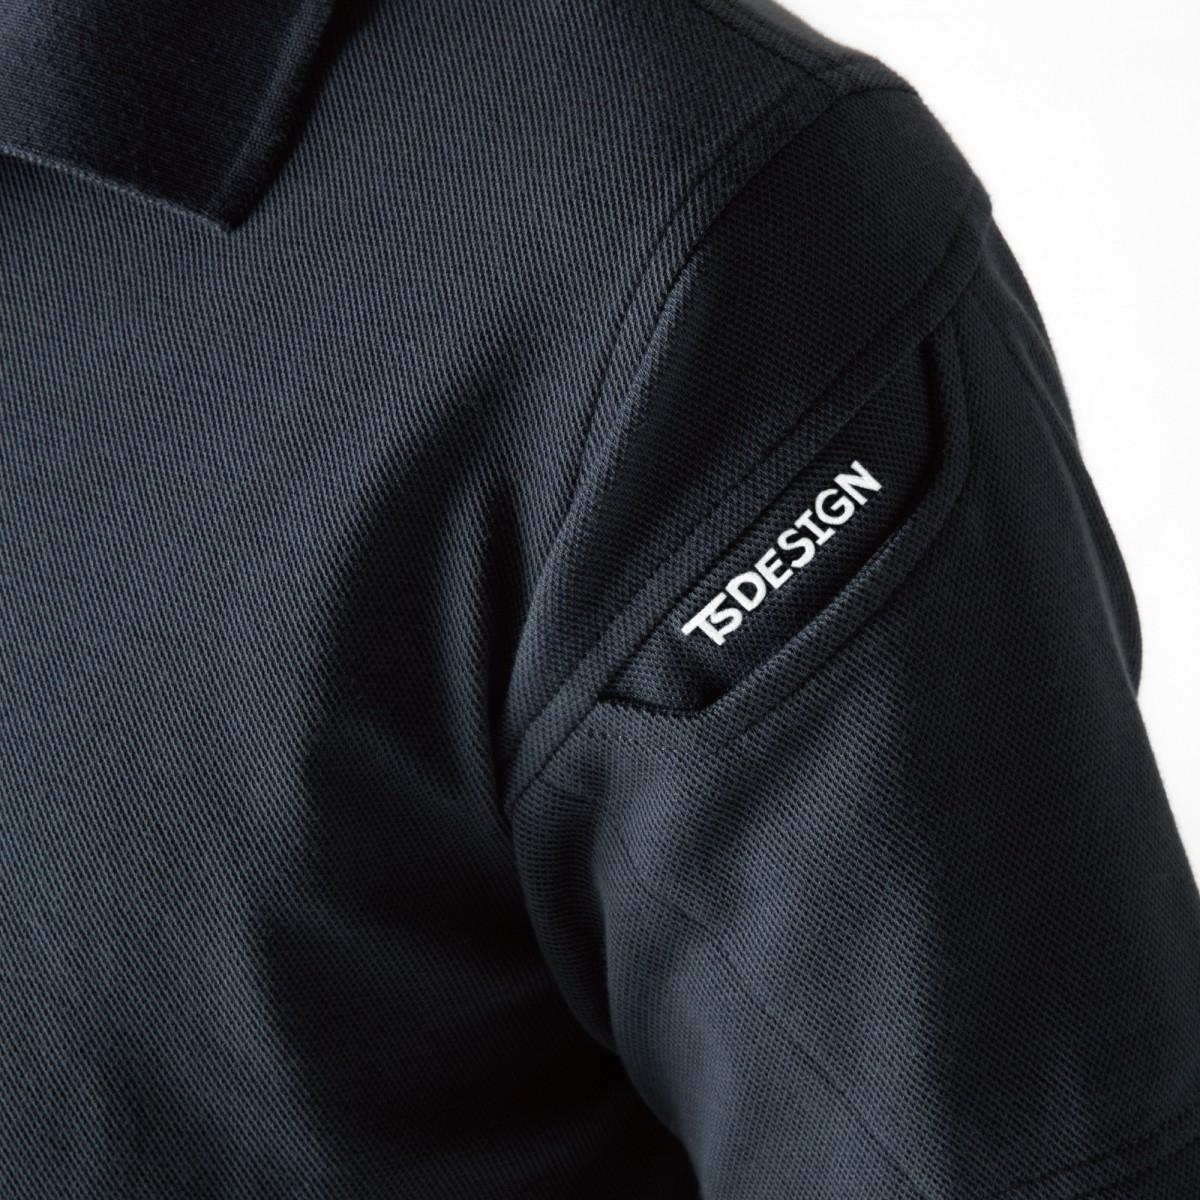 TS DESIGN~TSデザイン~左袖 スマホ対応のマルチスリーブポケット